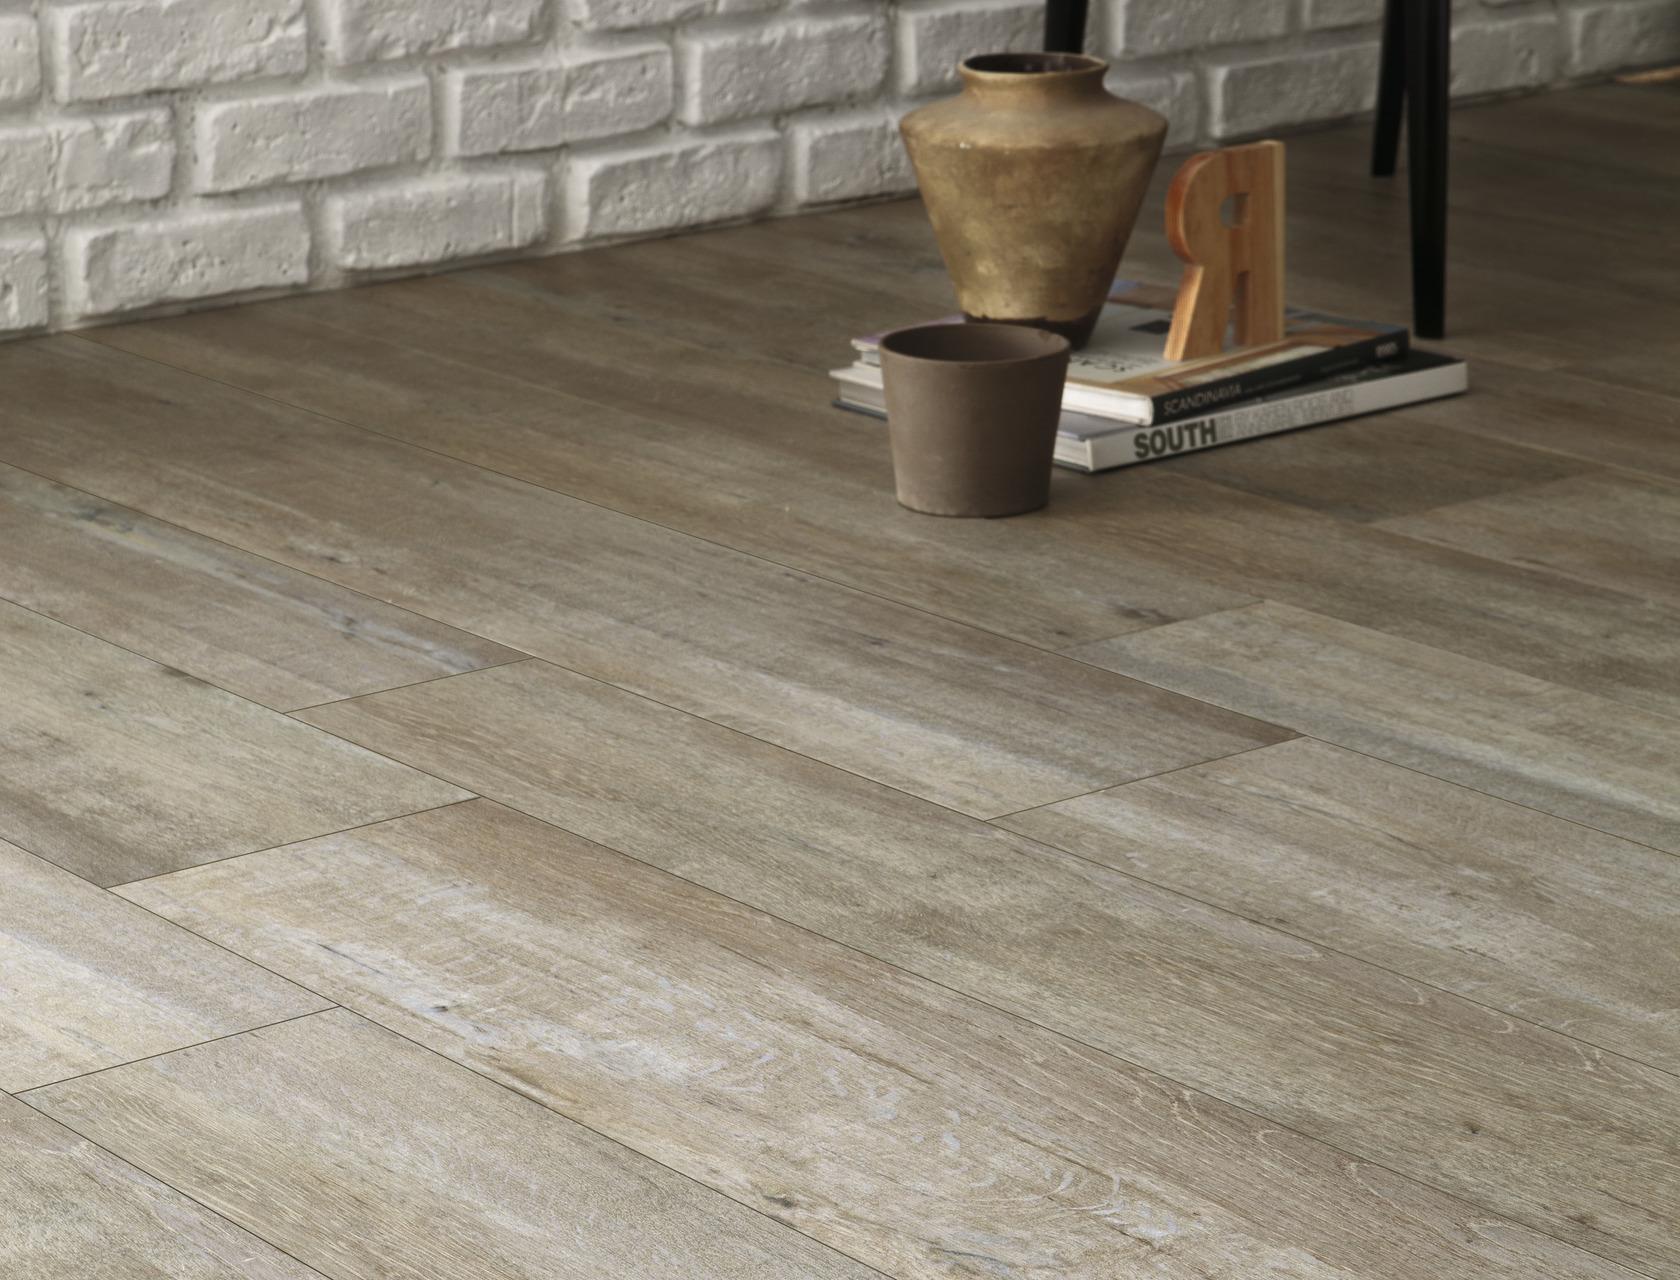 Pavimento effetto legno grigio chiaro in gres rovere provenzale - Piastrelle gres porcellanato effetto legno prezzi ...